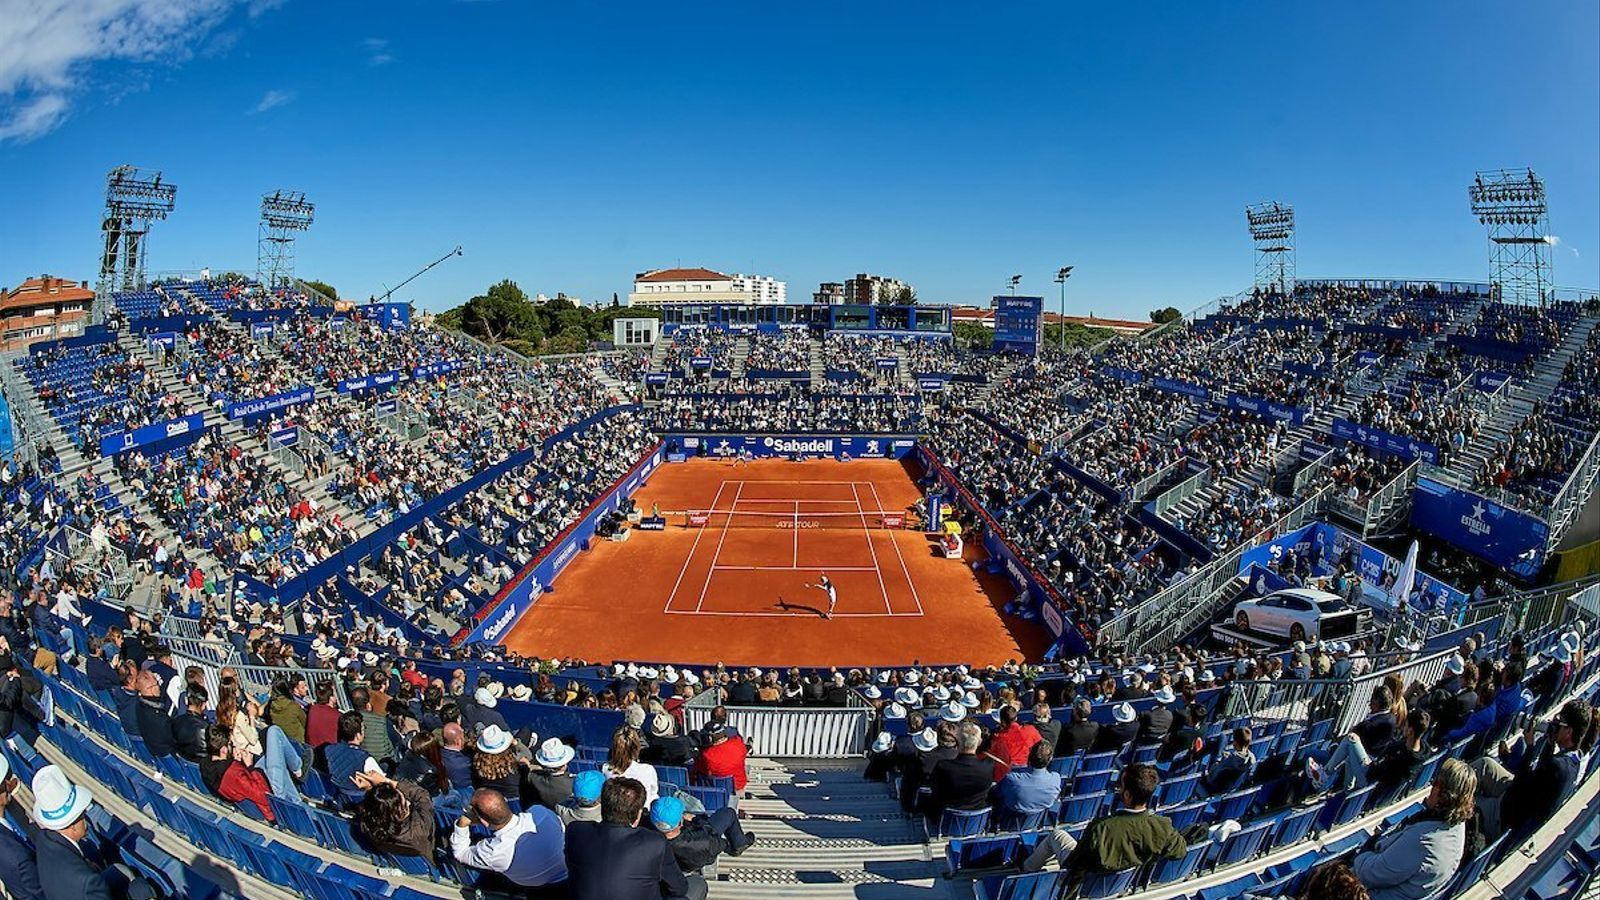 Les pista central del Godó barceloní durant l'edició del 2019